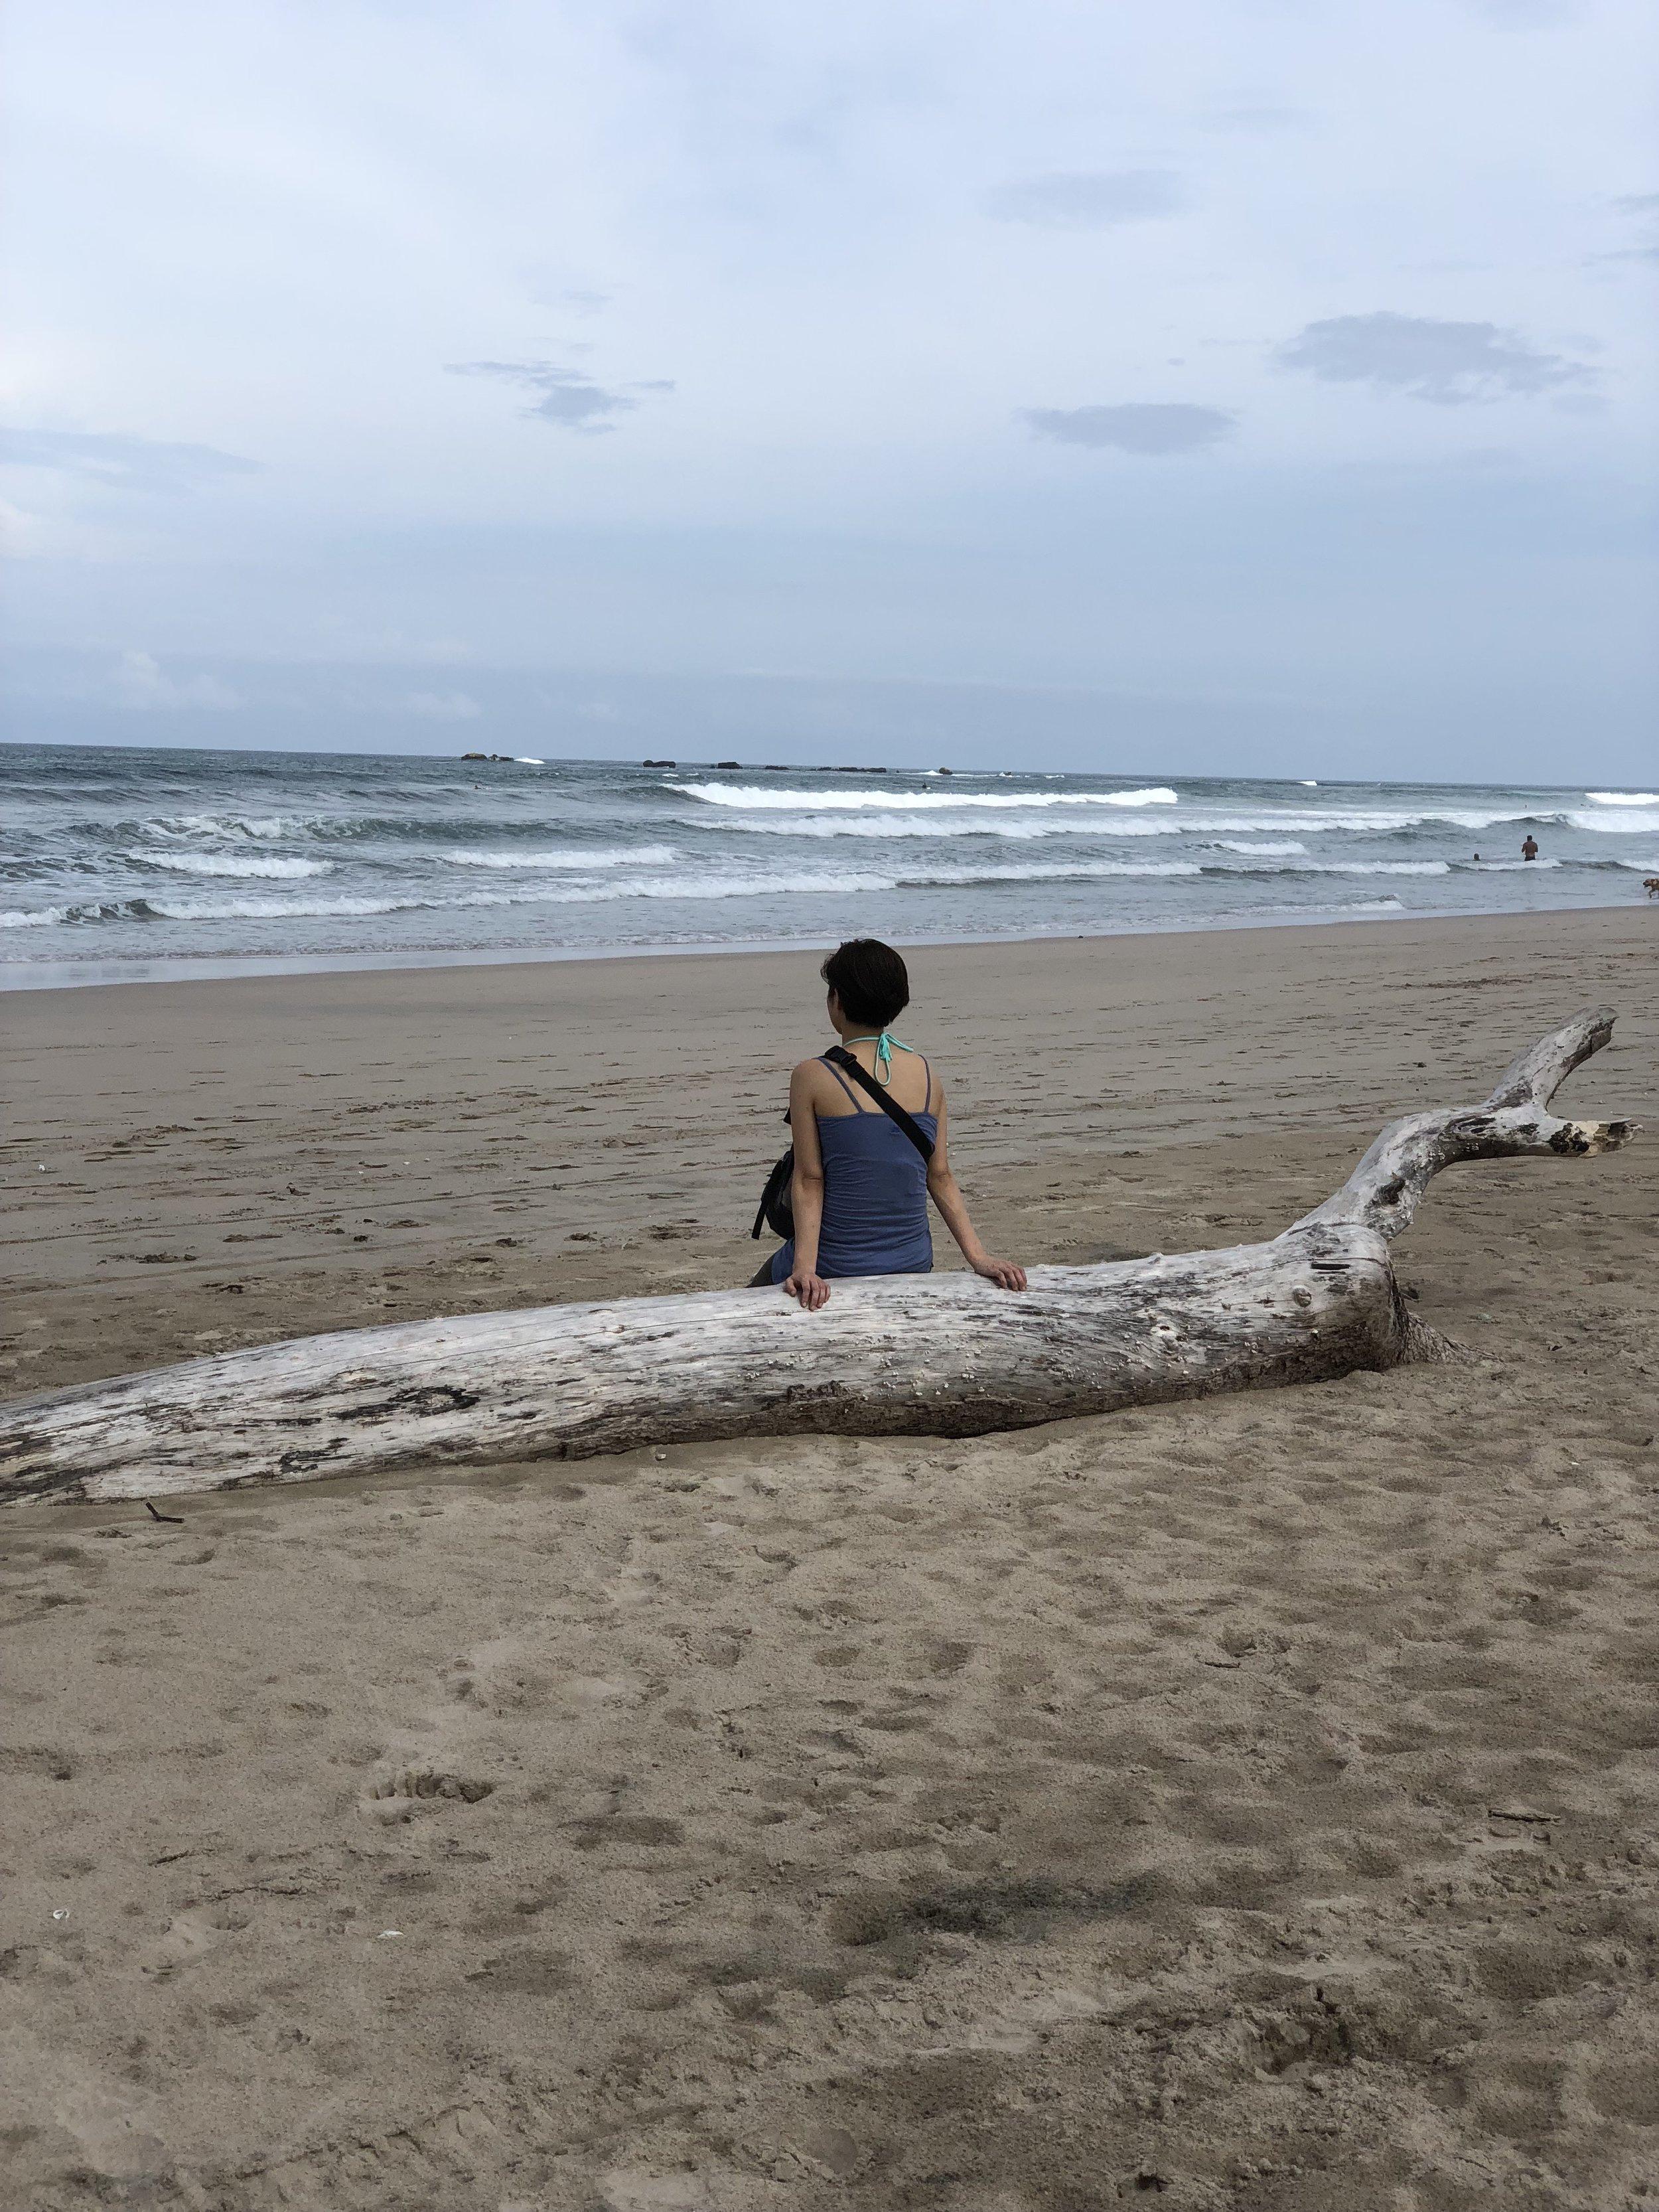 海では、「歩く瞑想」をしたり、一人静かな内観の時間を持ったりしました。そして、五日目には、みんな真っ裸になって、浮かび、泳いだよ!素晴らしい開放感だったなぁ〜!(私の中では、リトリート中の一つのハイライトだったなぁ)